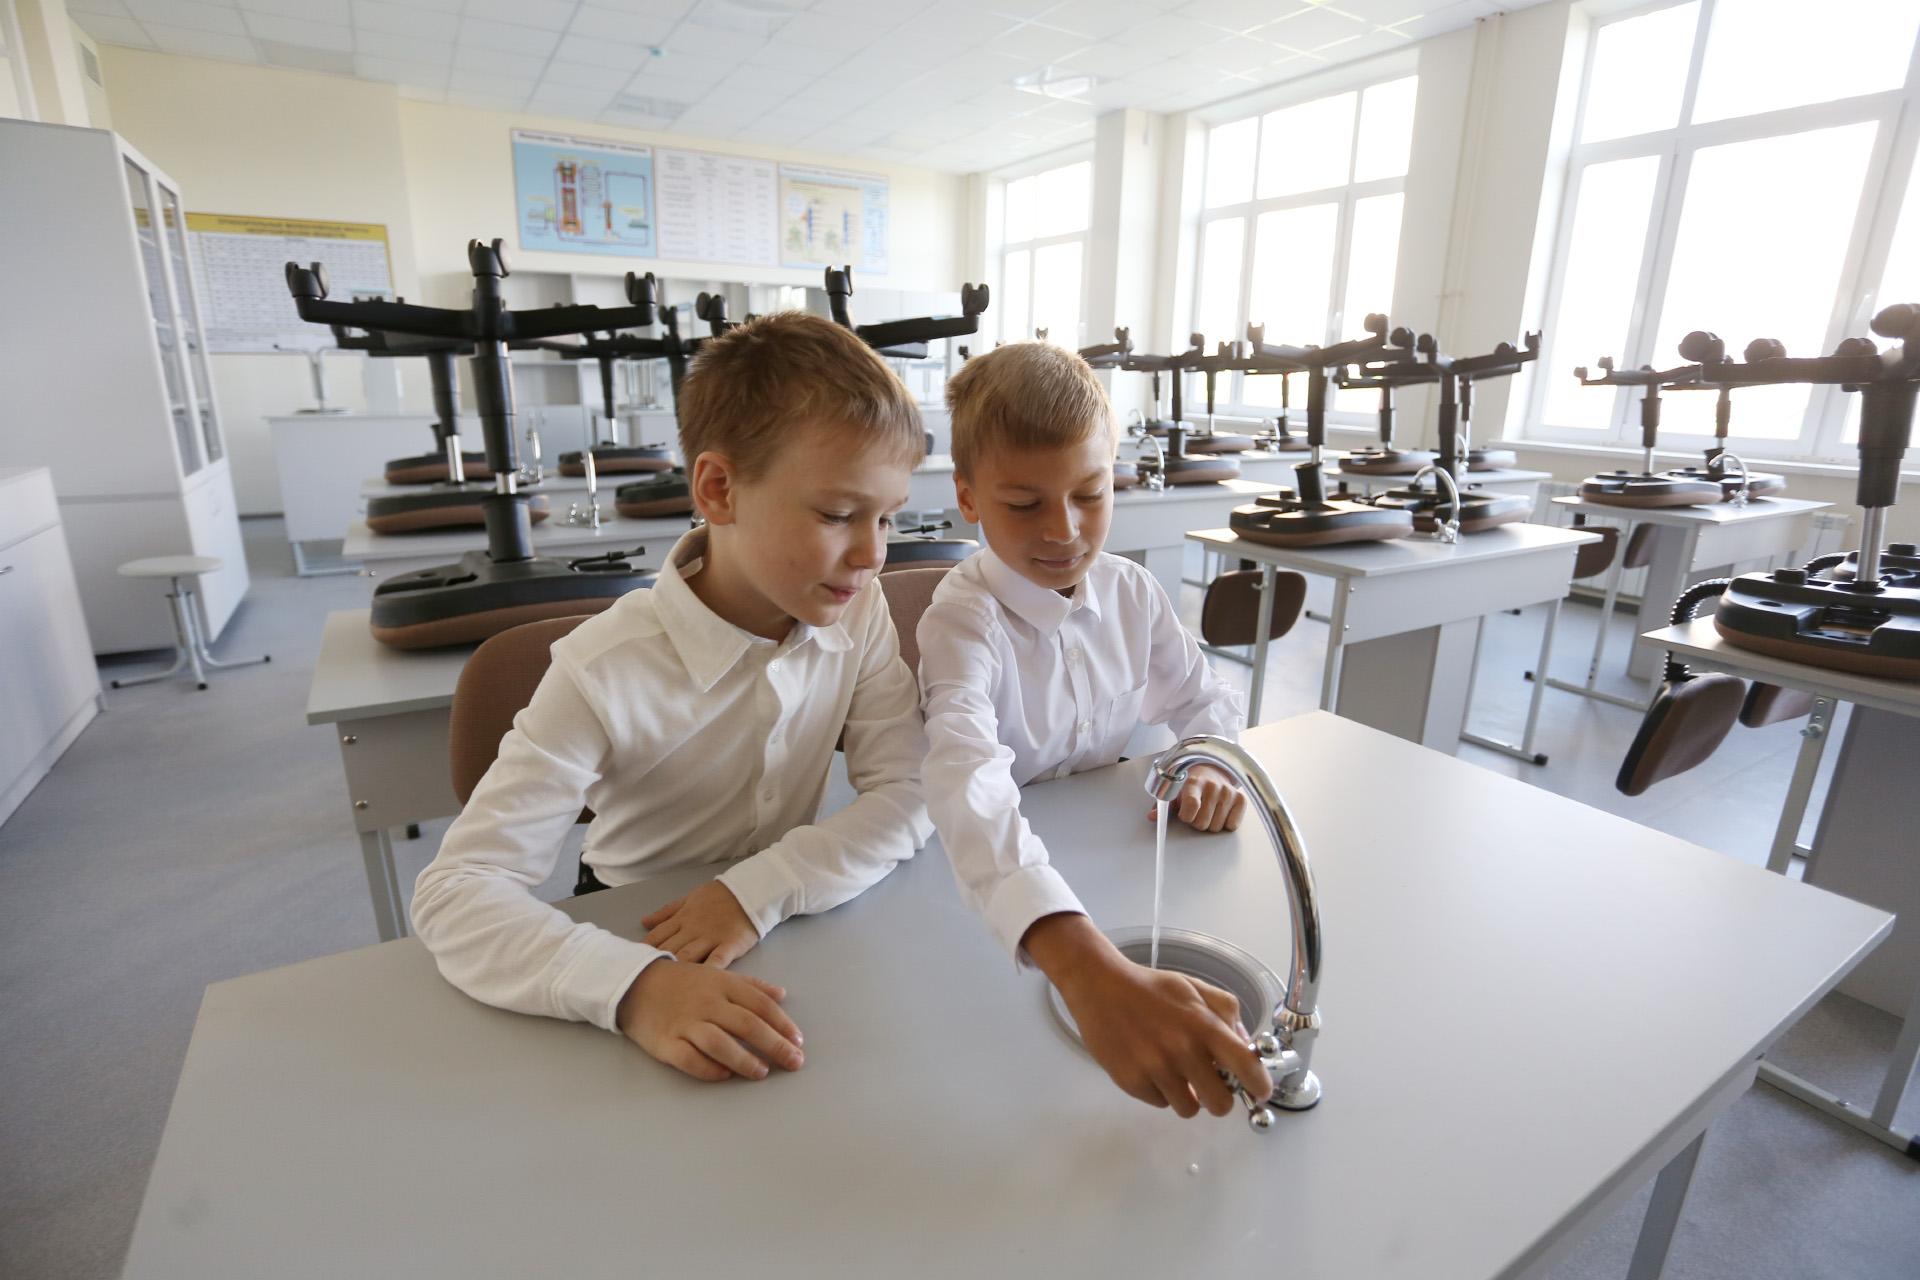 Итак, наши эксперты — восьмилетние Миша и Адриан